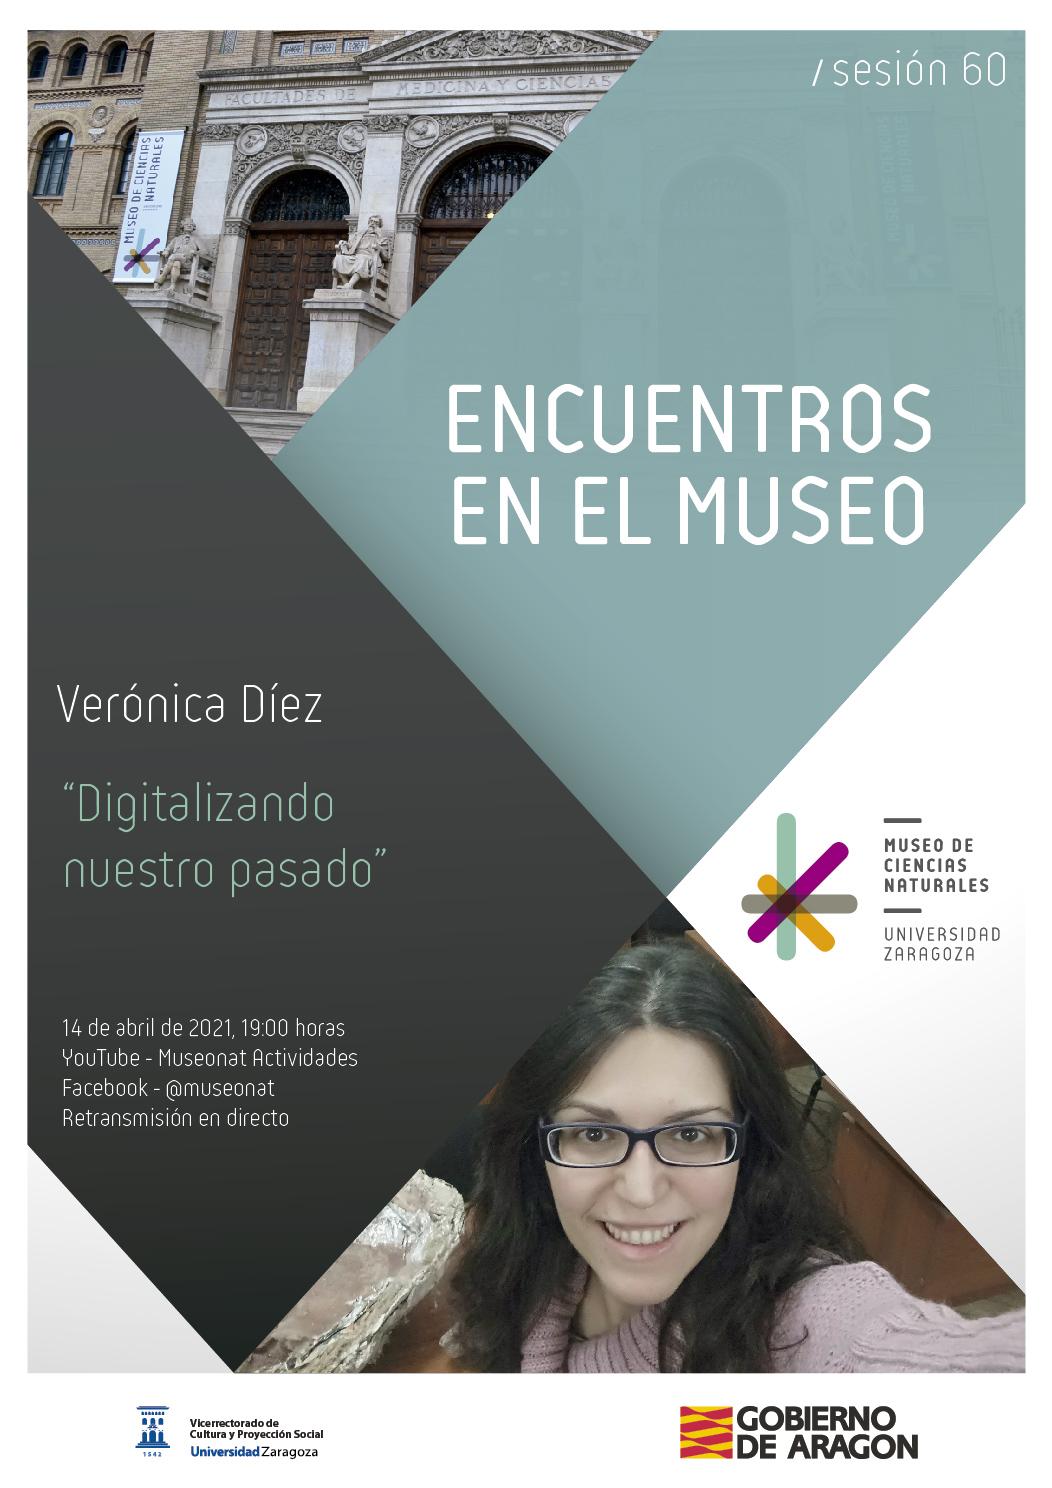 """La Dra. Verónica Díez en nuestros Encuentros en el Museo: """"Digitalizando nuestro pasado"""""""